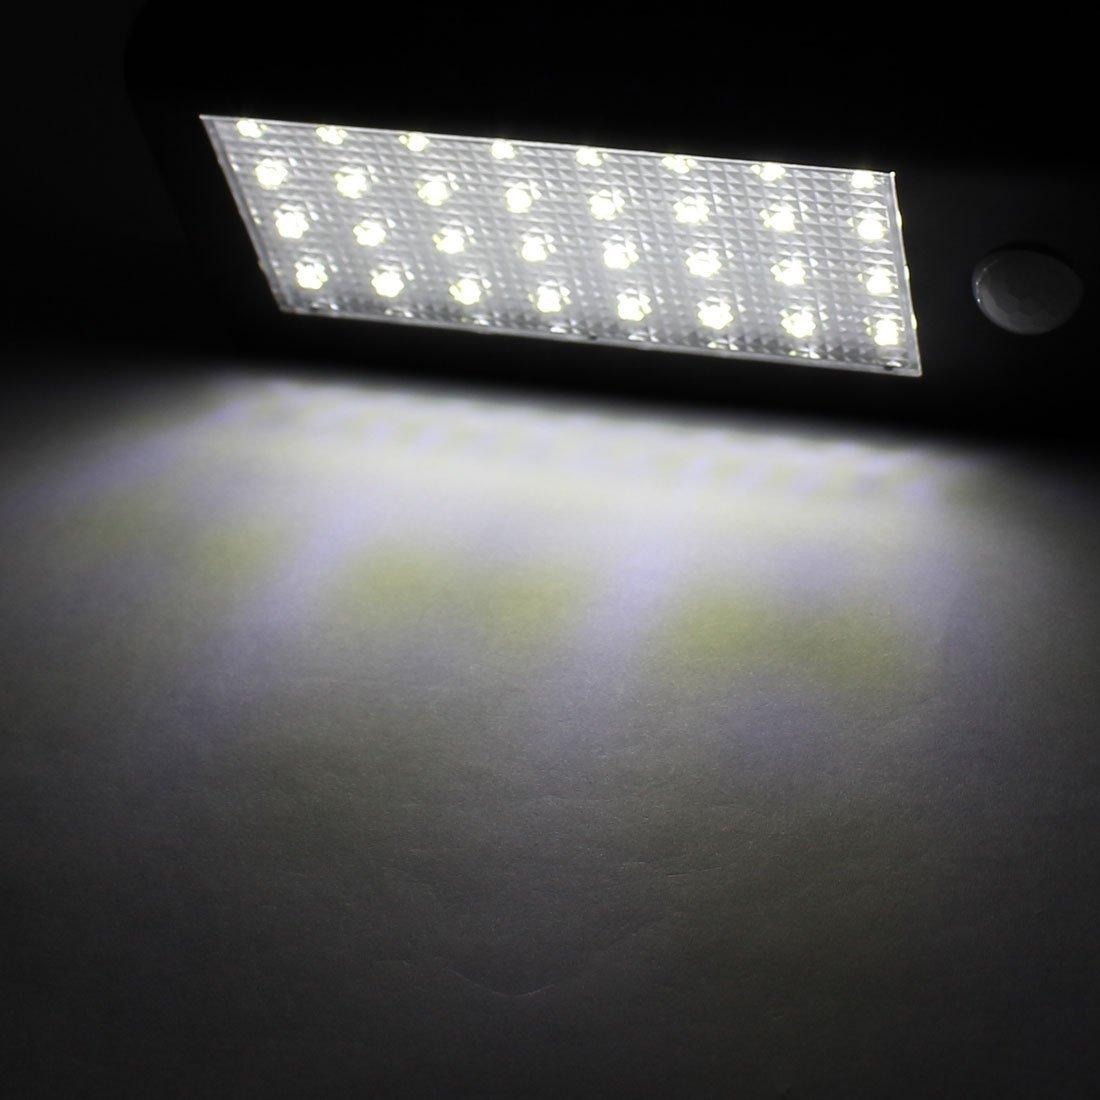 eDealMax solares Luces Super Brillante LED de iluminación 20 Movimiento Para exteriores la seguridad del Sensor de la calzada: Amazon.com: Industrial & ...